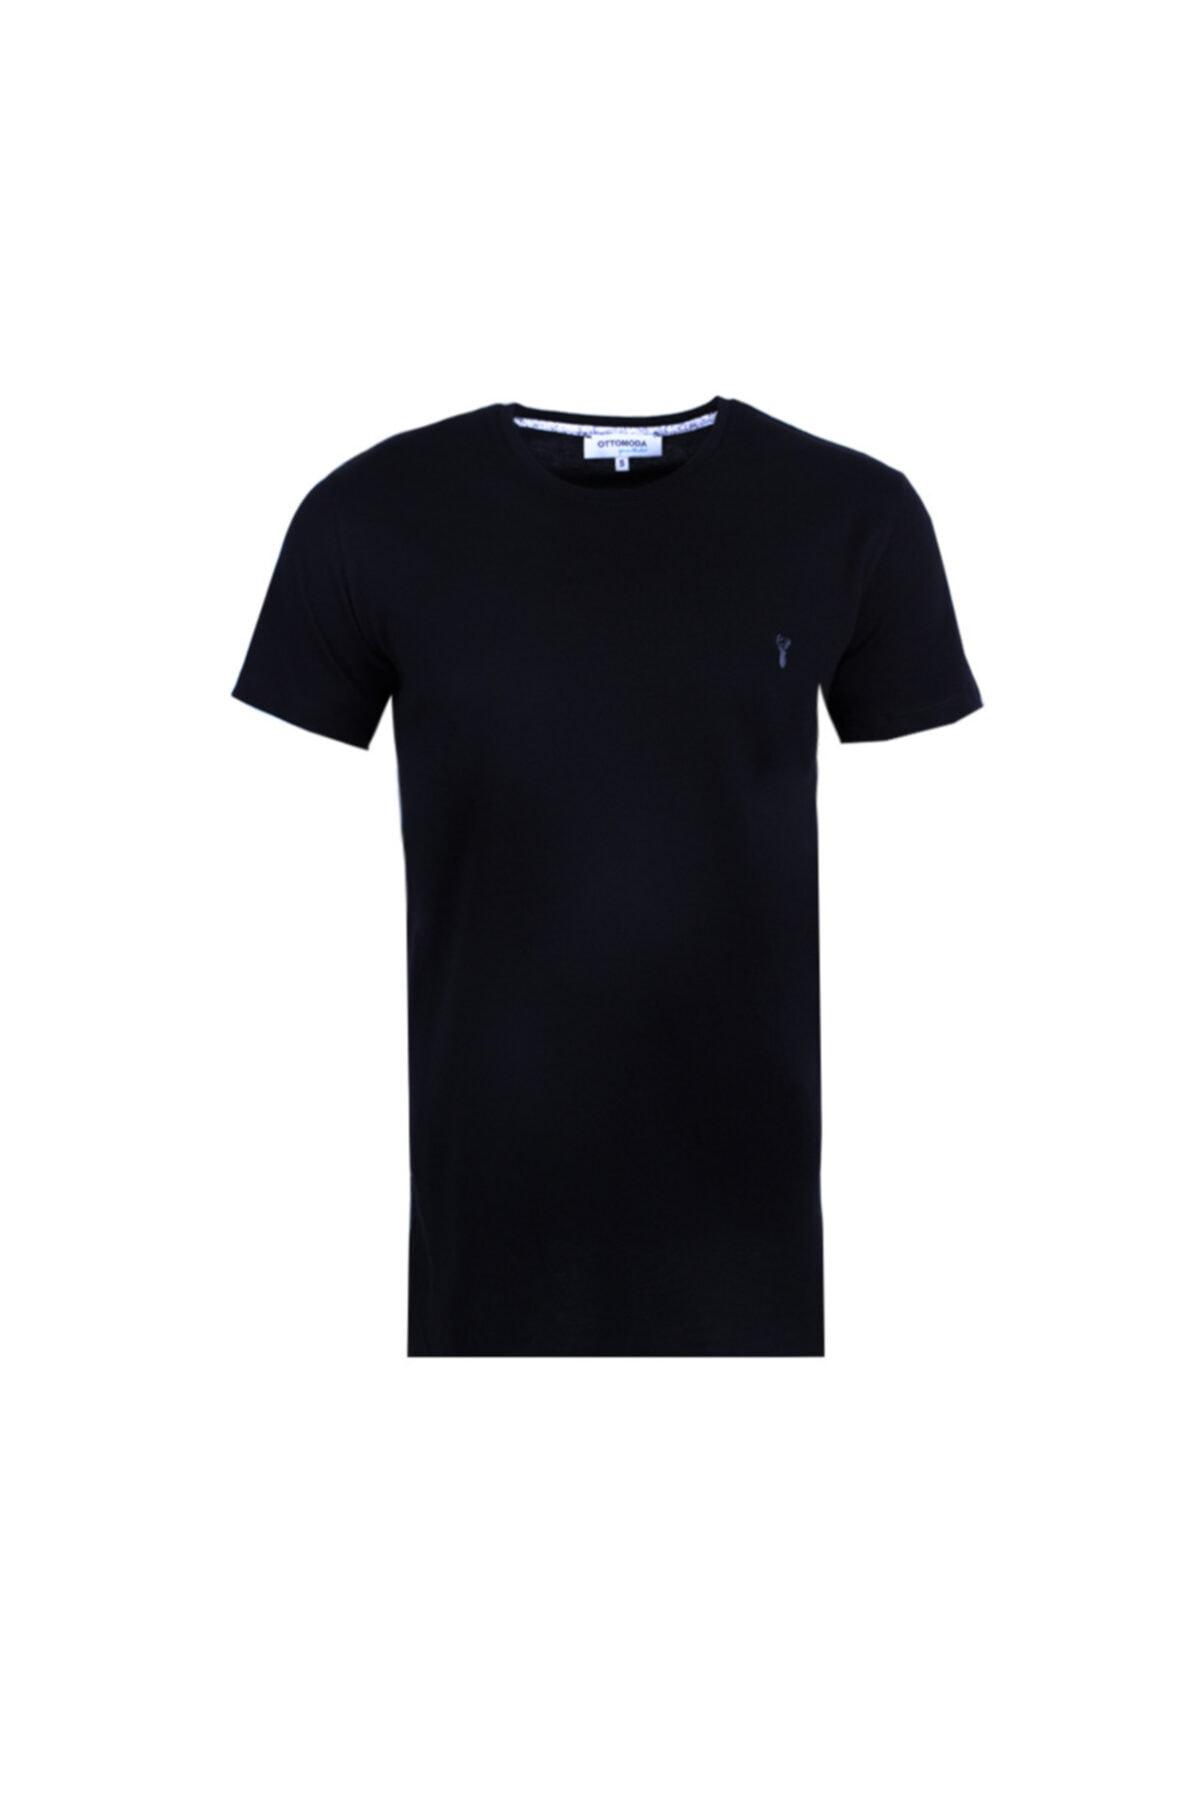 Ottomoda Erkek T-shirt Siyah 1